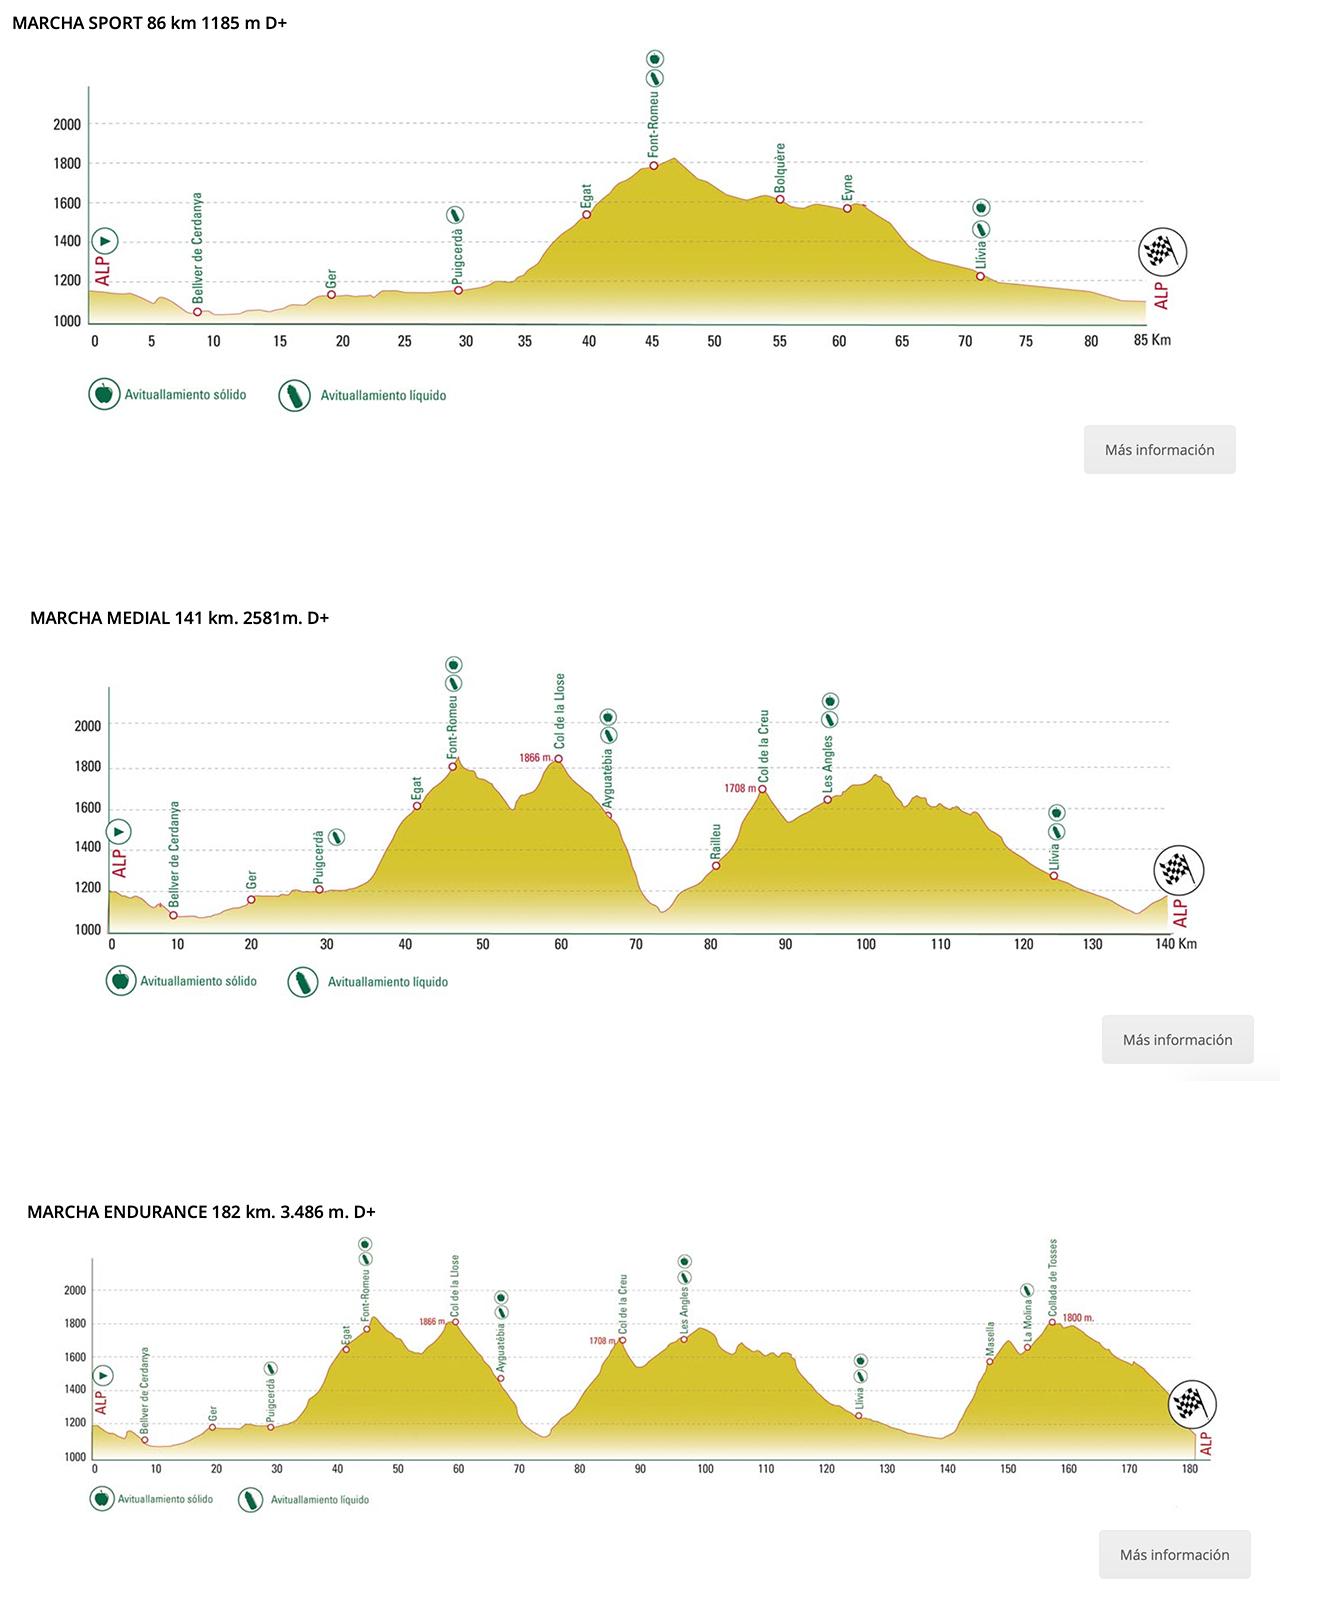 Alp – Alp. 182,4 kilómetros